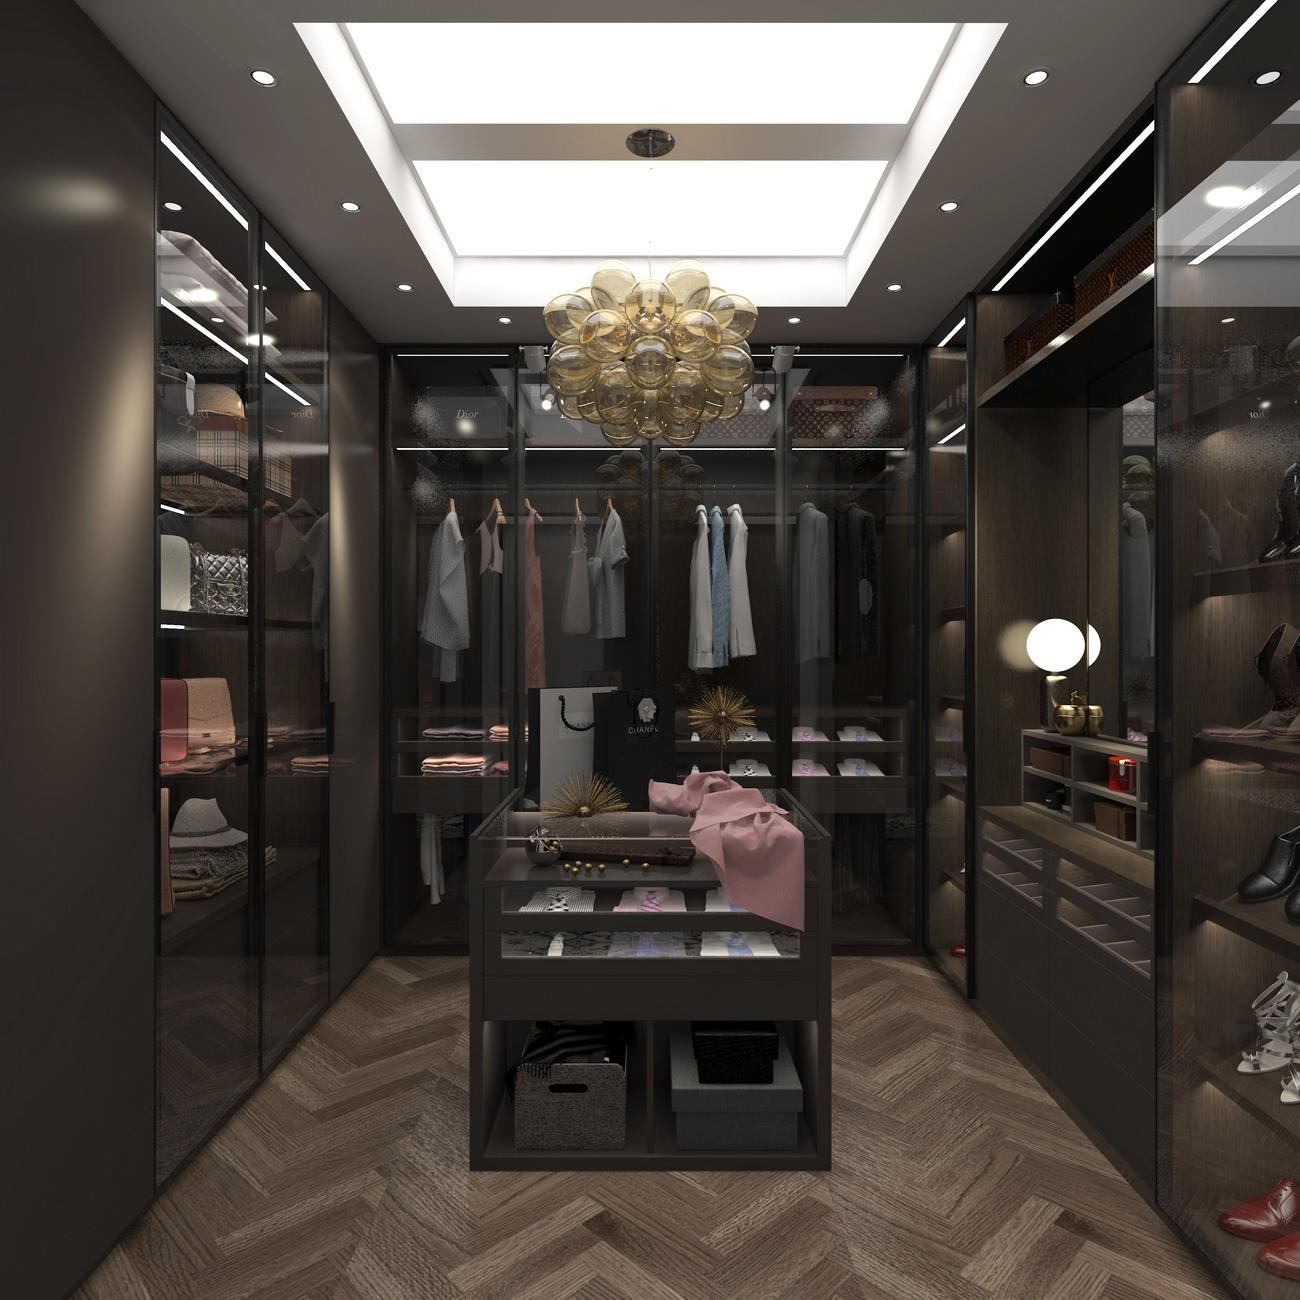 卡娜迪木门抓买点设计-高端木门店专卖店设计-衣柜设计-全屋定制装修方案-全屋定制店面方案-